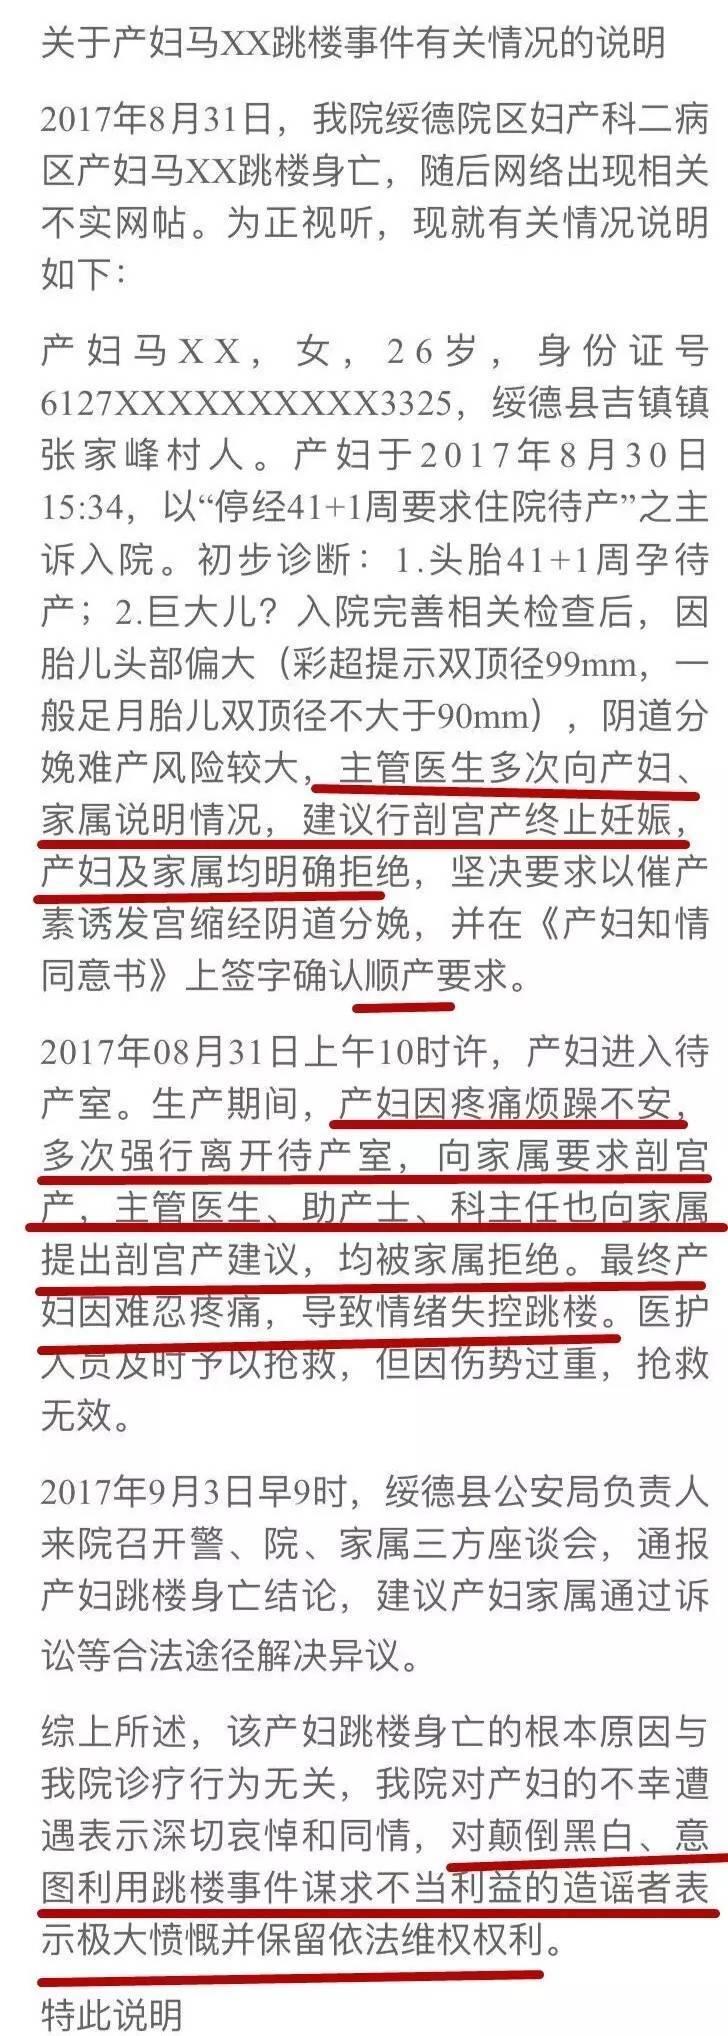 母婴正文8月31日在陕西榆林市第一医院待产孕妇马某跳楼自杀身亡